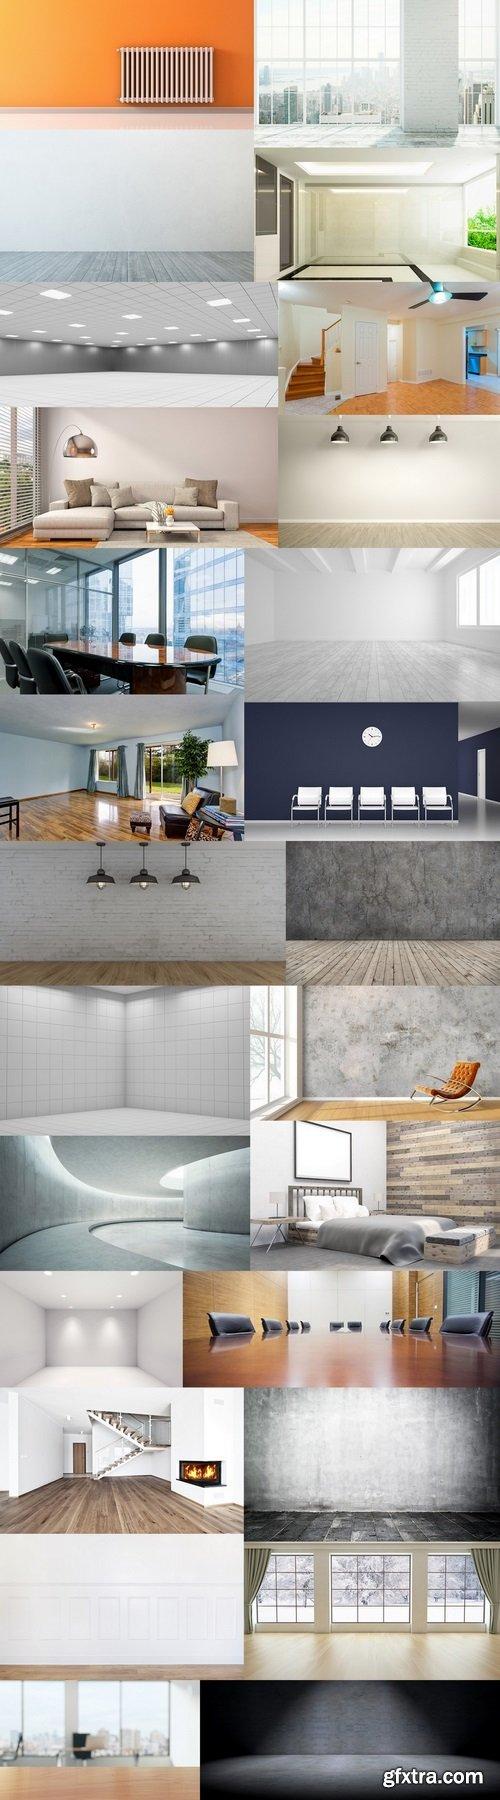 Empty room with panorama window and wooden floor, 3D Rendering